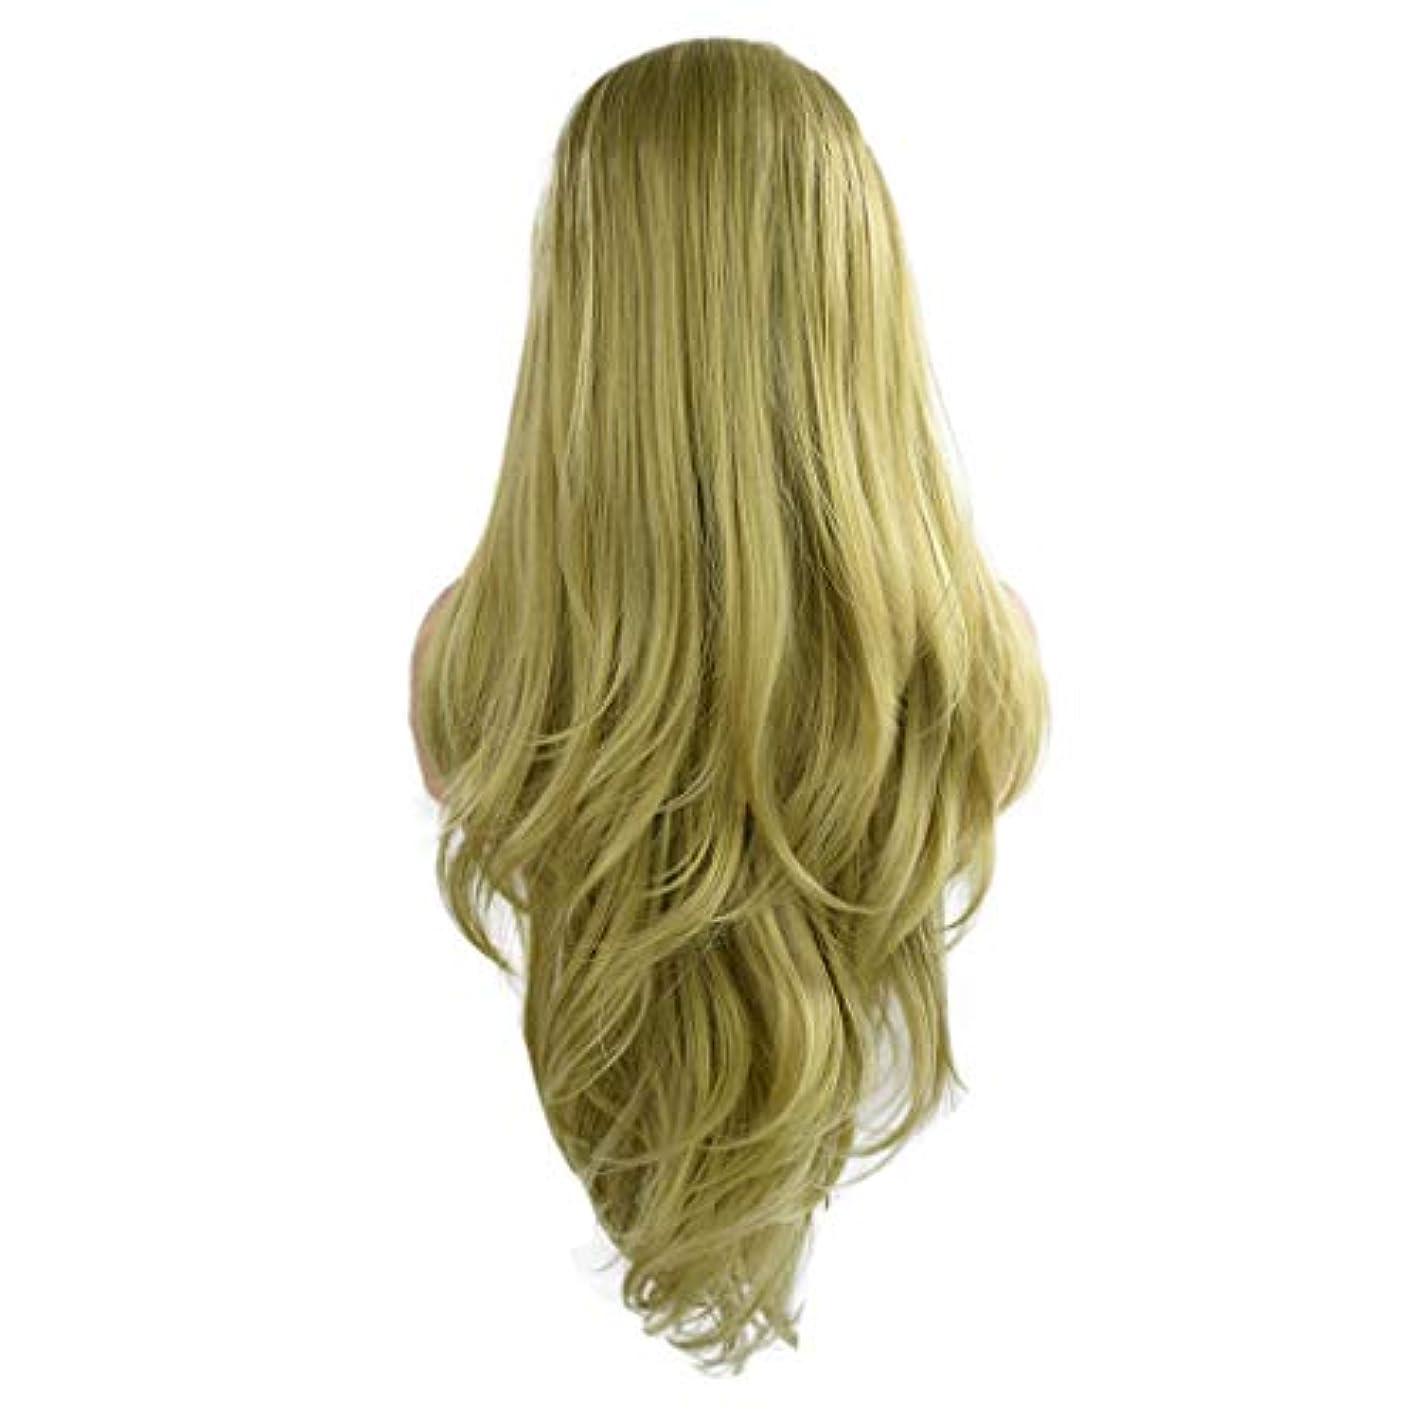 待つ不器用考えた女性の緑の長い巻き毛のフロントレースかつらファッションポップかつら24インチかつら